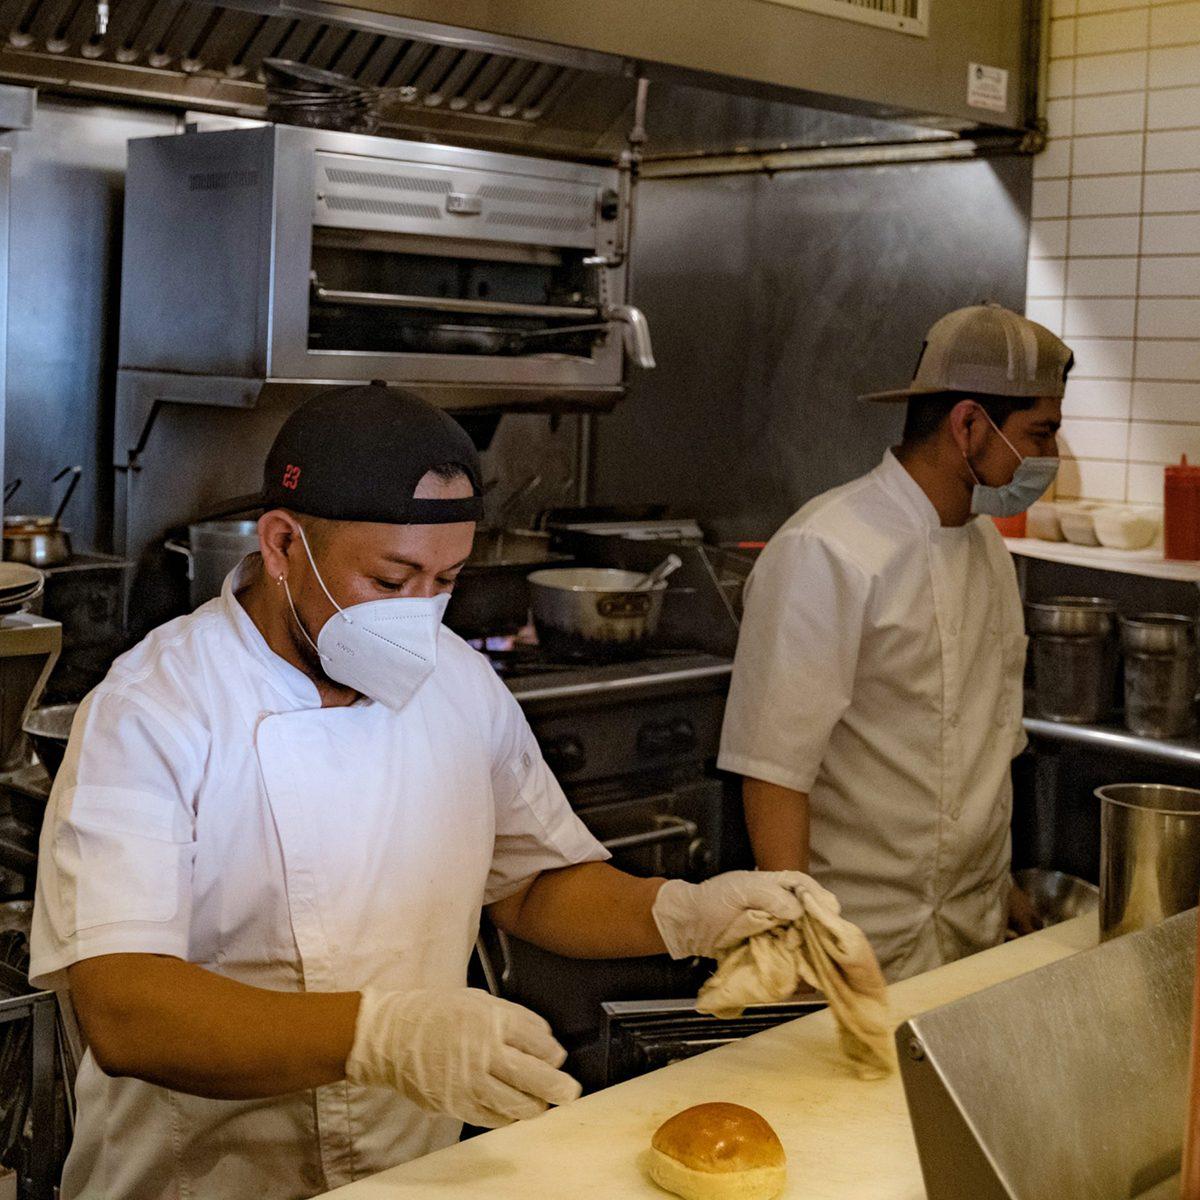 Kitchen staff making food in their masks